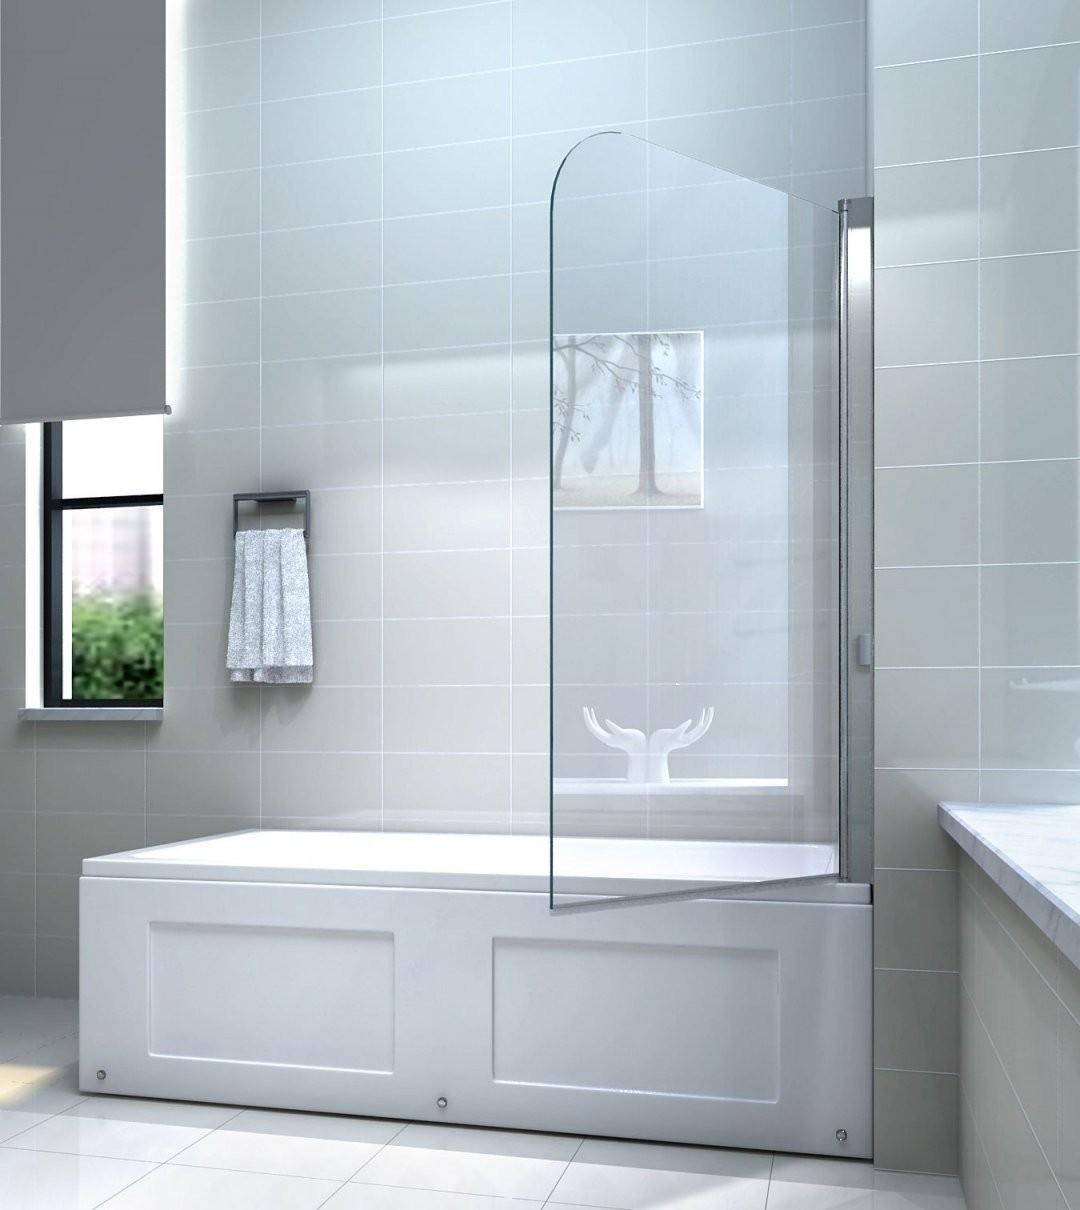 6Mm Glas Duschwand Für Badewannen Badewannenaufsatz Duschabtrennung von Duschwand Glas Für Badewanne Bild